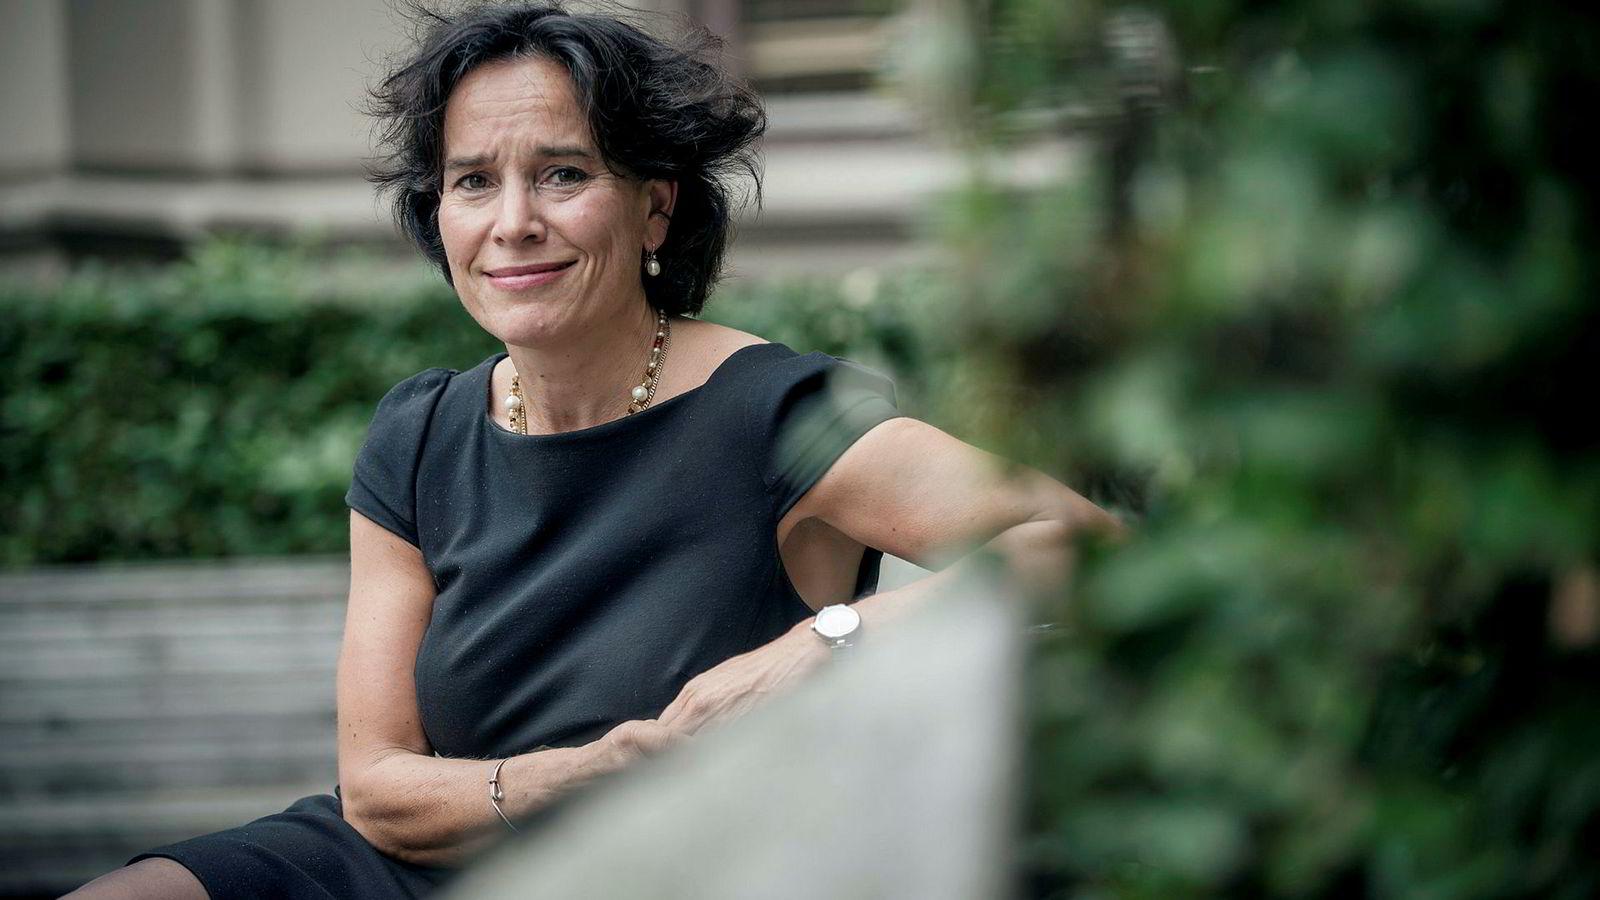 Forlagsdirektør Kari J. Spjeldnæs slutter i Aschehoug etter 15 år.